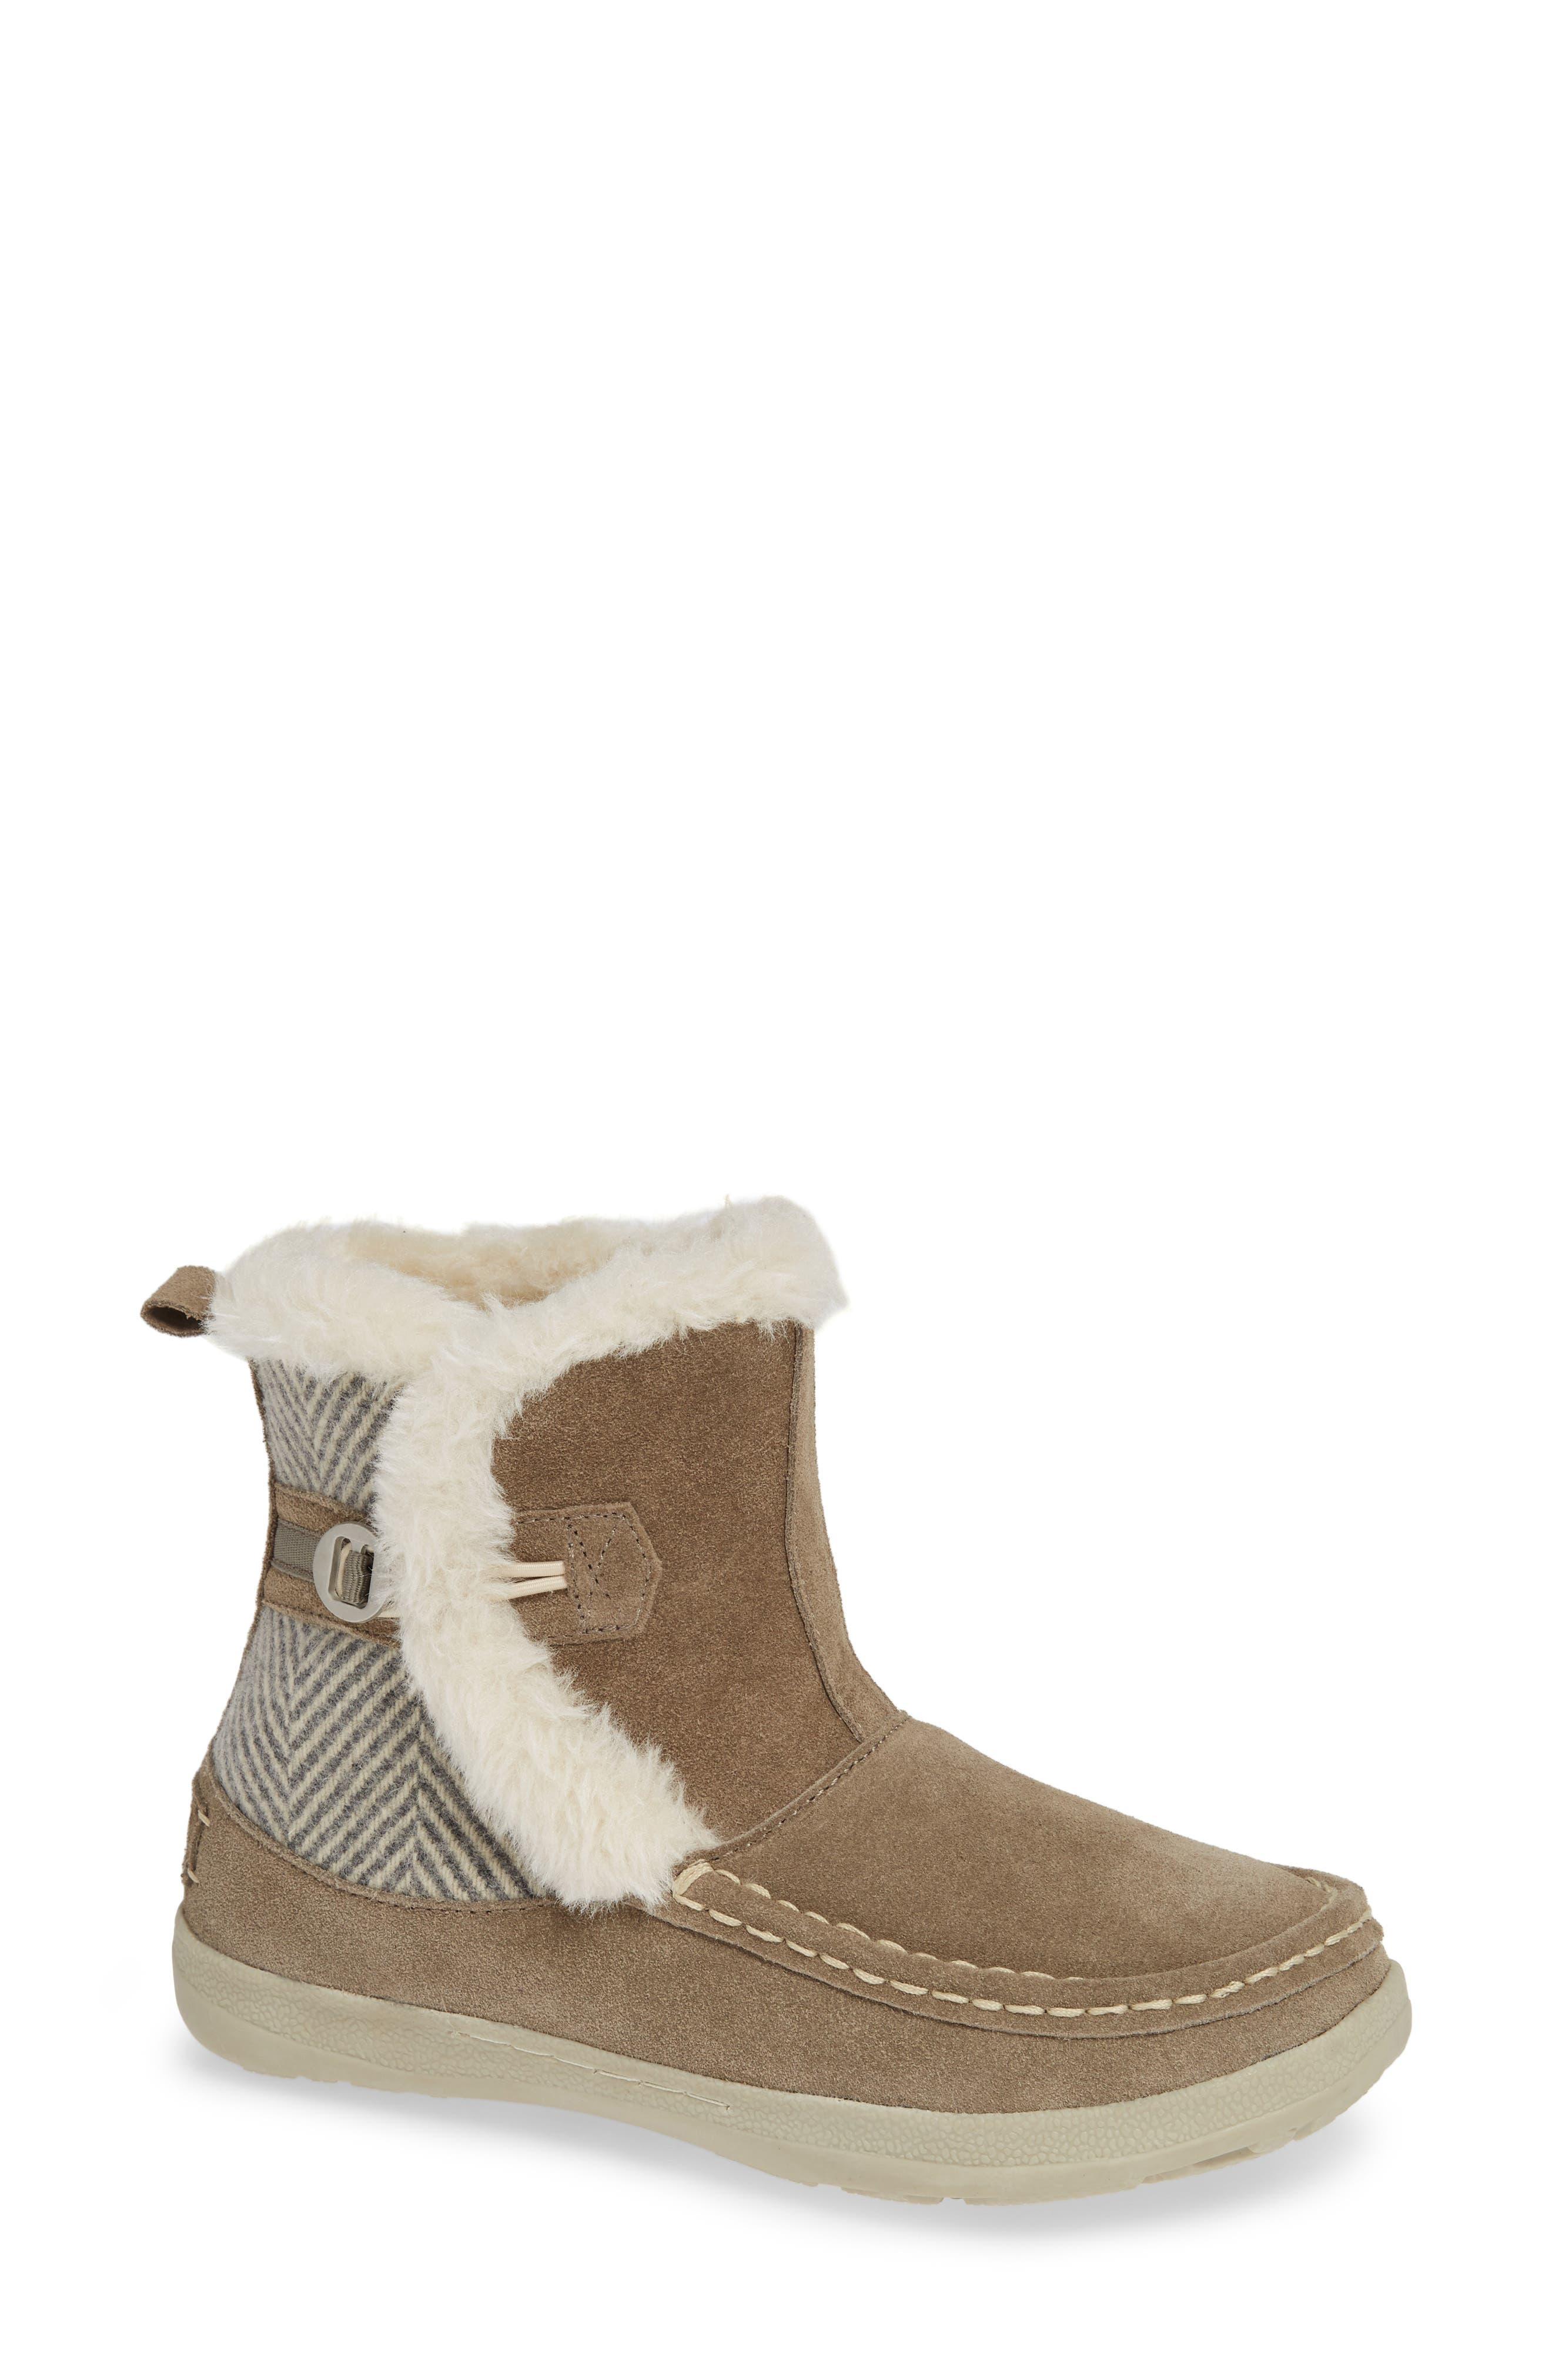 WOOLRICH Pine Creek II Faux Fur Trim Boot, Main, color, STEEL/ HERRINGBONE SUEDE